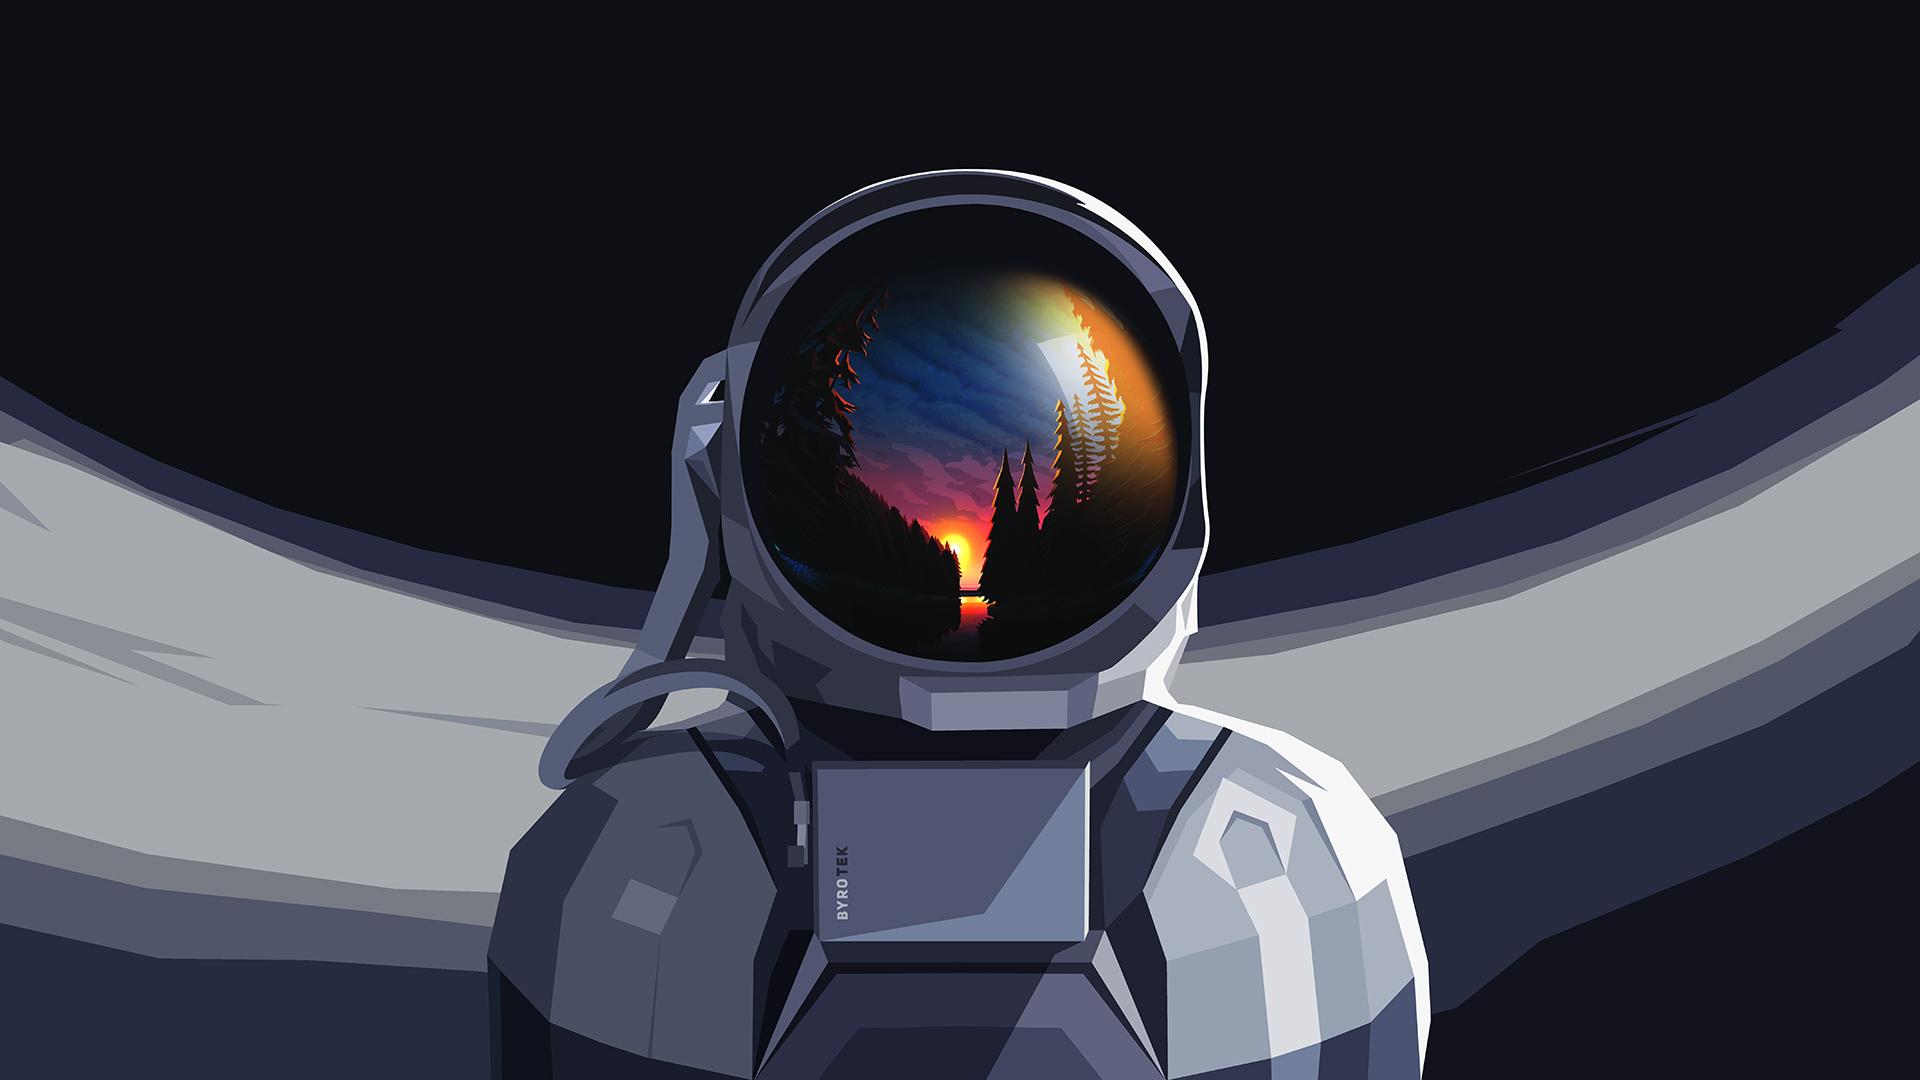 Desktop Astronaut Wallpaper 4k